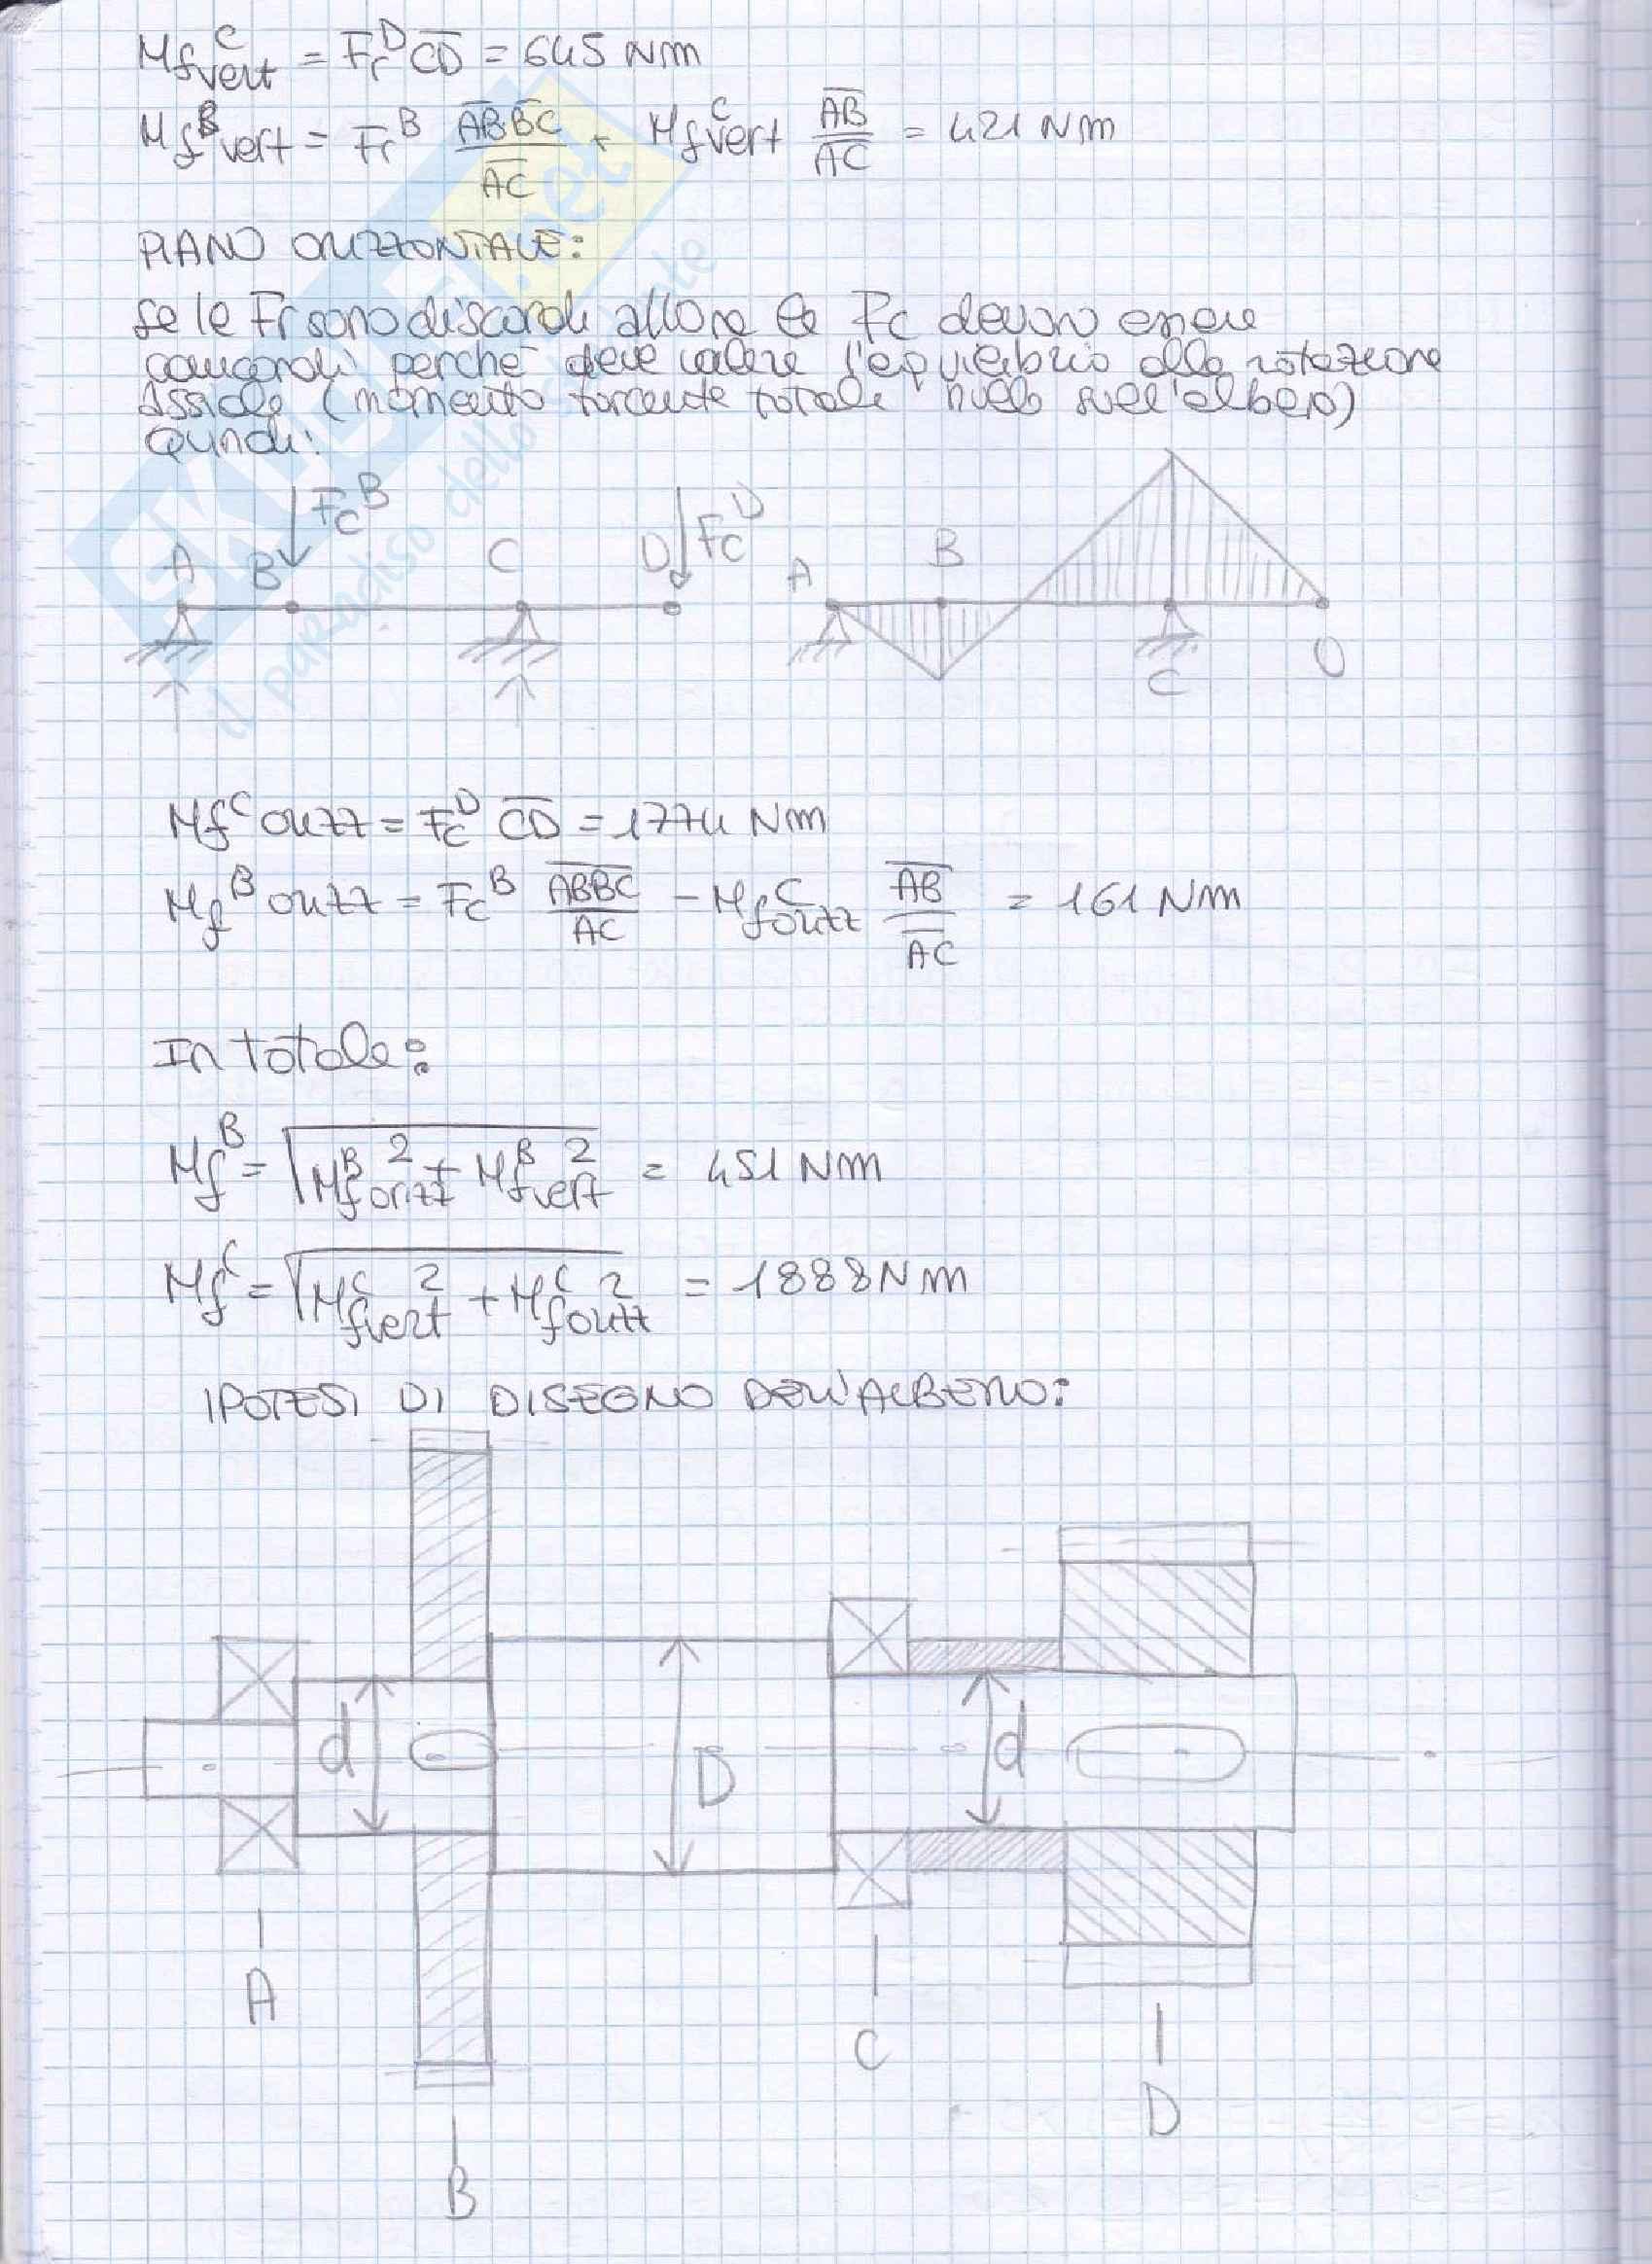 Elementi costruttivi delle macchine - Esercizi esame svolti Pag. 26